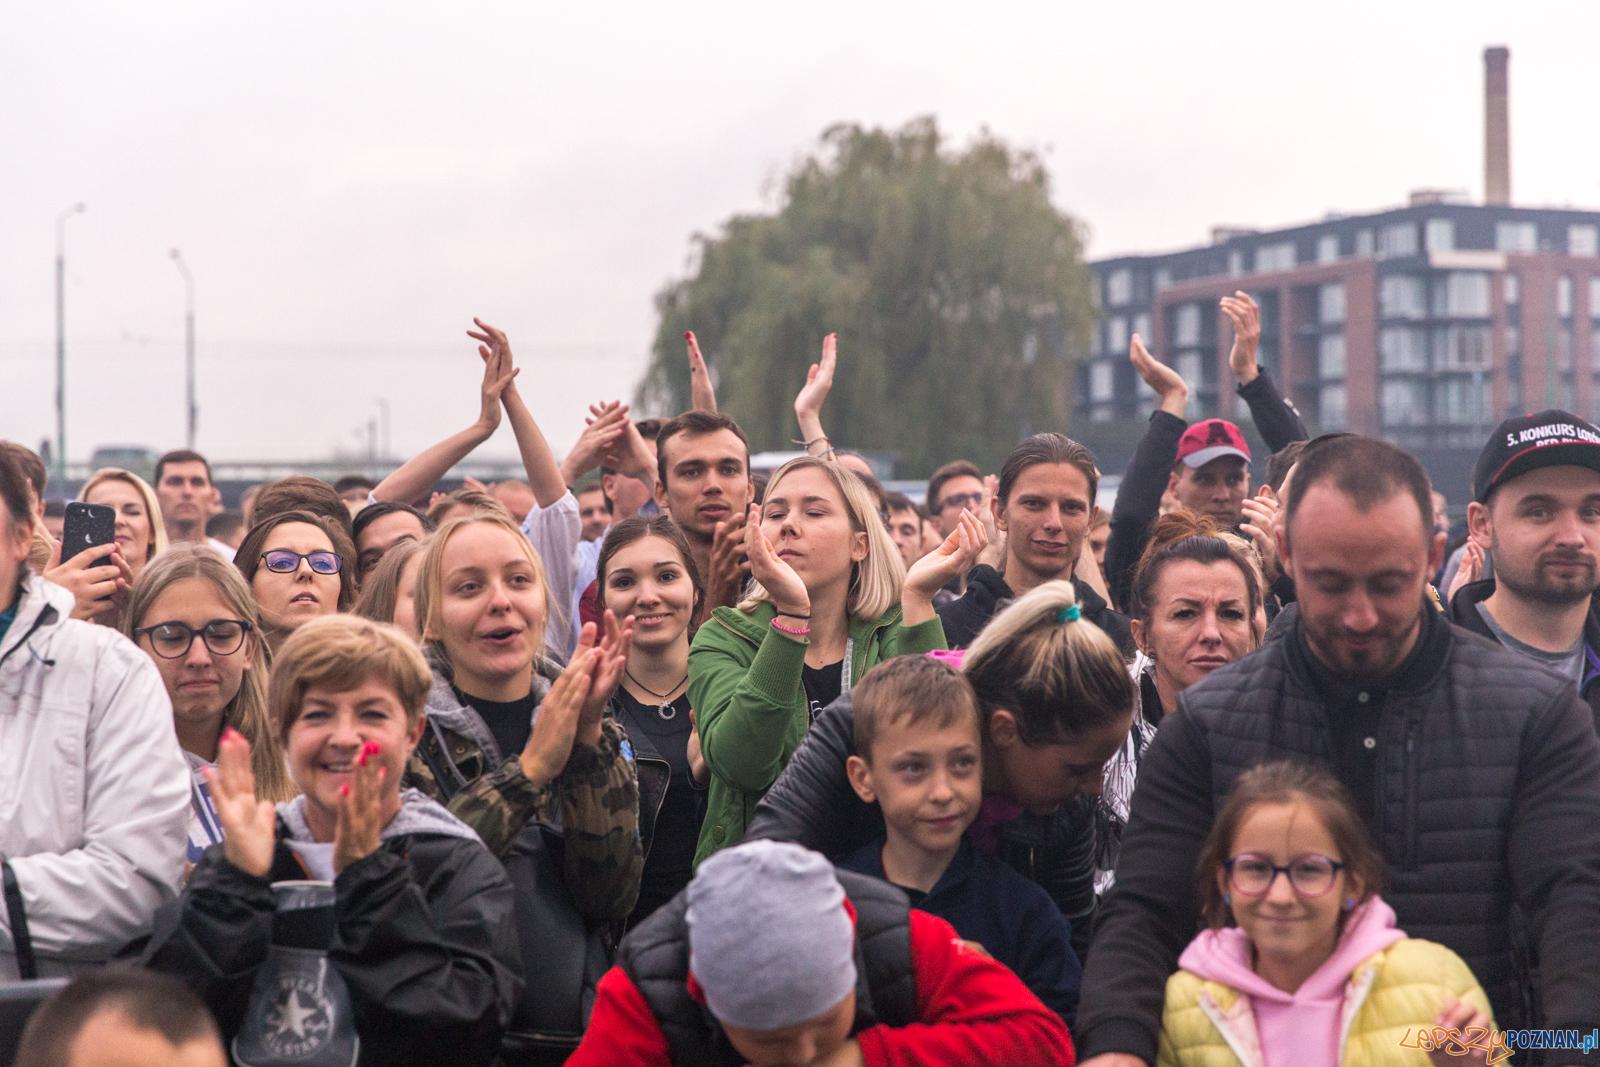 Mrozu na zakończenie lata na Przystani Poznań - Poznań 8.09.2  Foto: Paweł Rychter